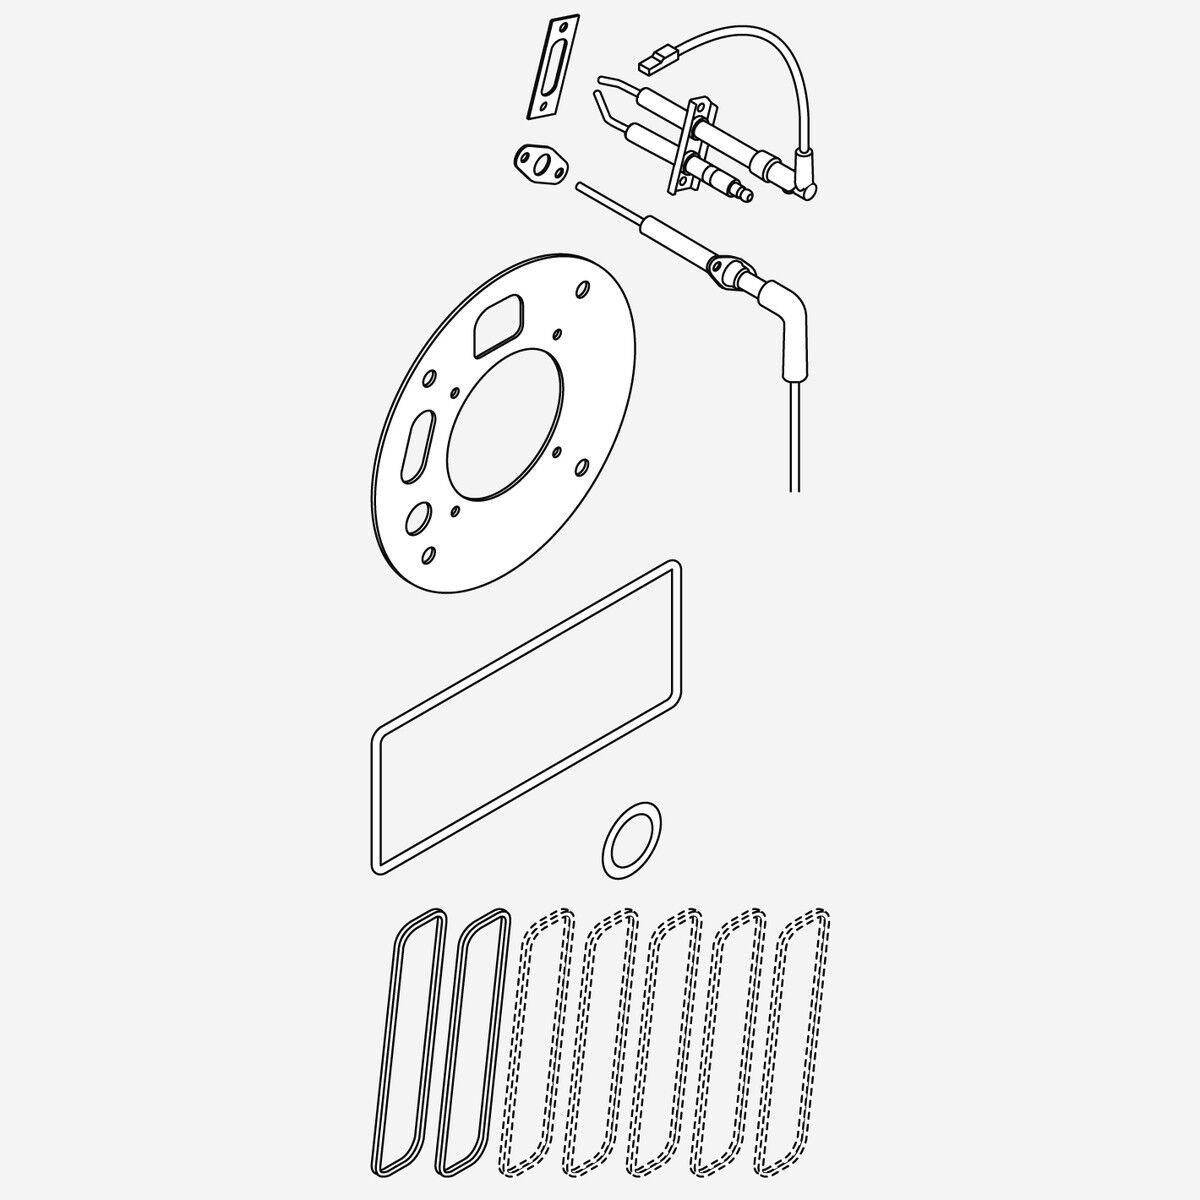 Weishaupt Wartungsset WTC  GB-210-A 48230100162 Brennerdichtung Zündelektrode Zündelektrode Zündelektrode Io 19d319